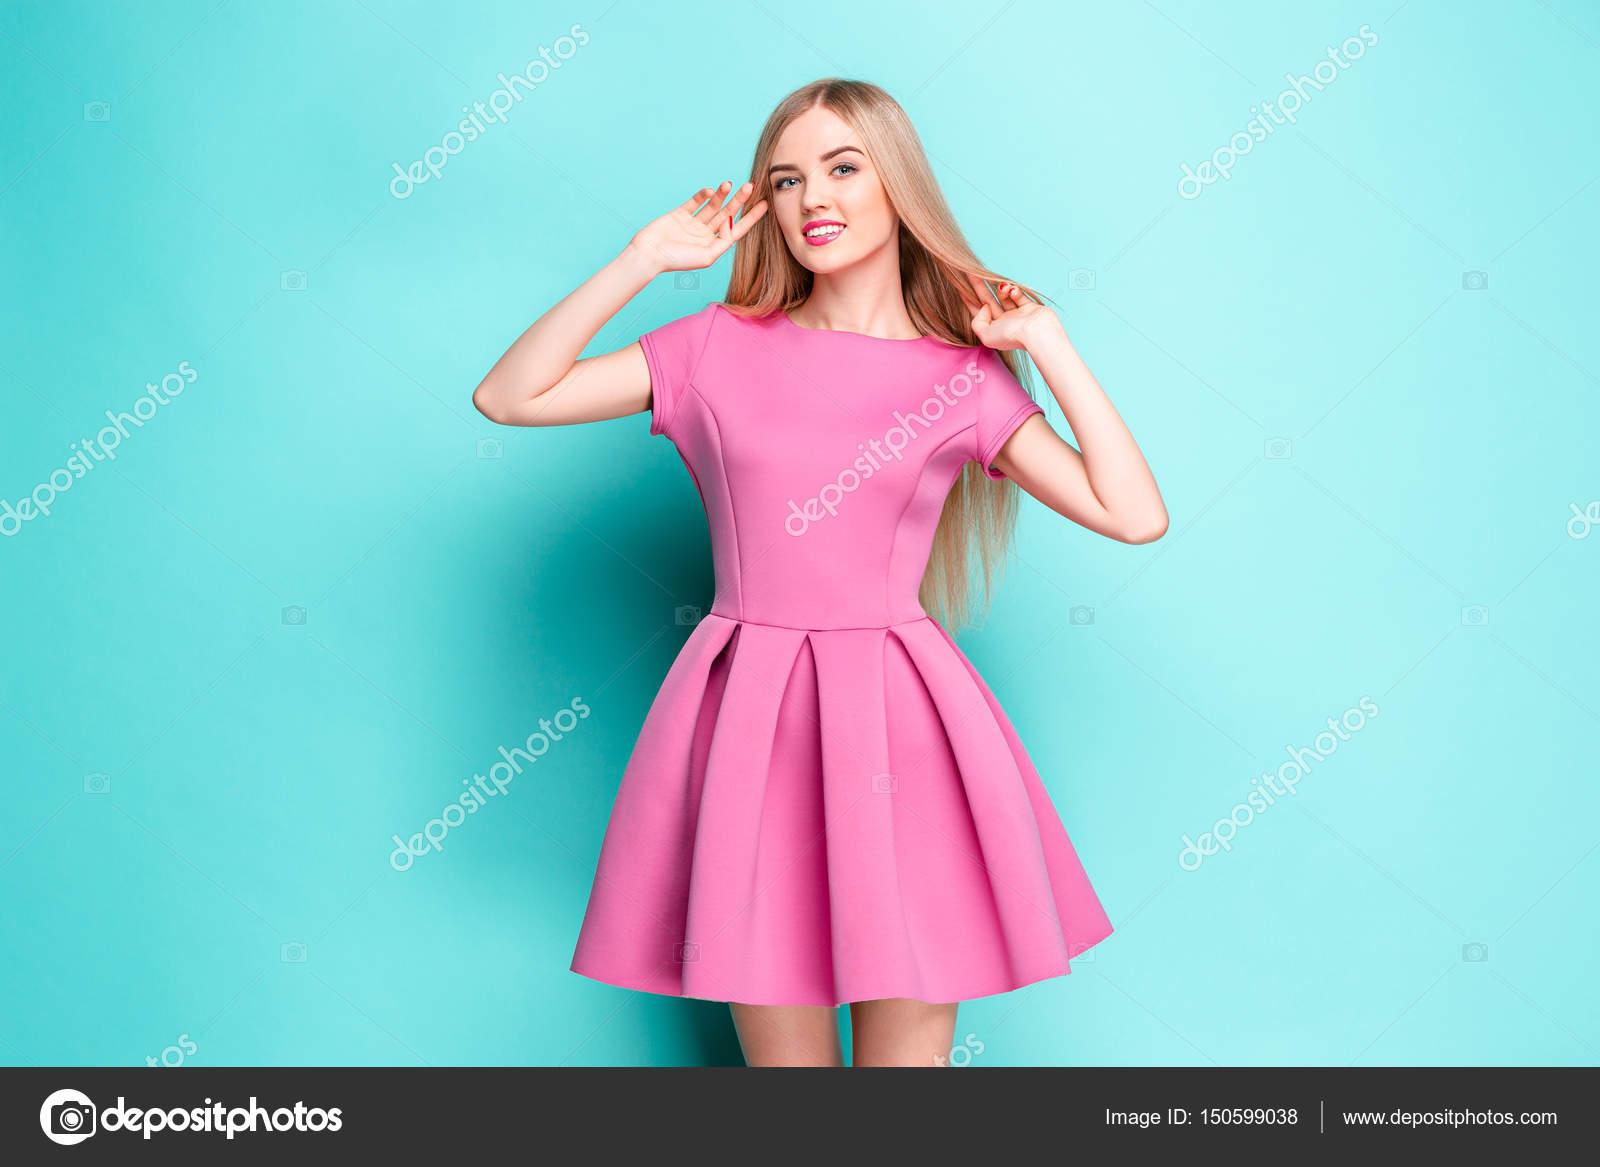 e1185bc11 Sonriente mujer joven hermosa en vestido mini rosa posando en el ...